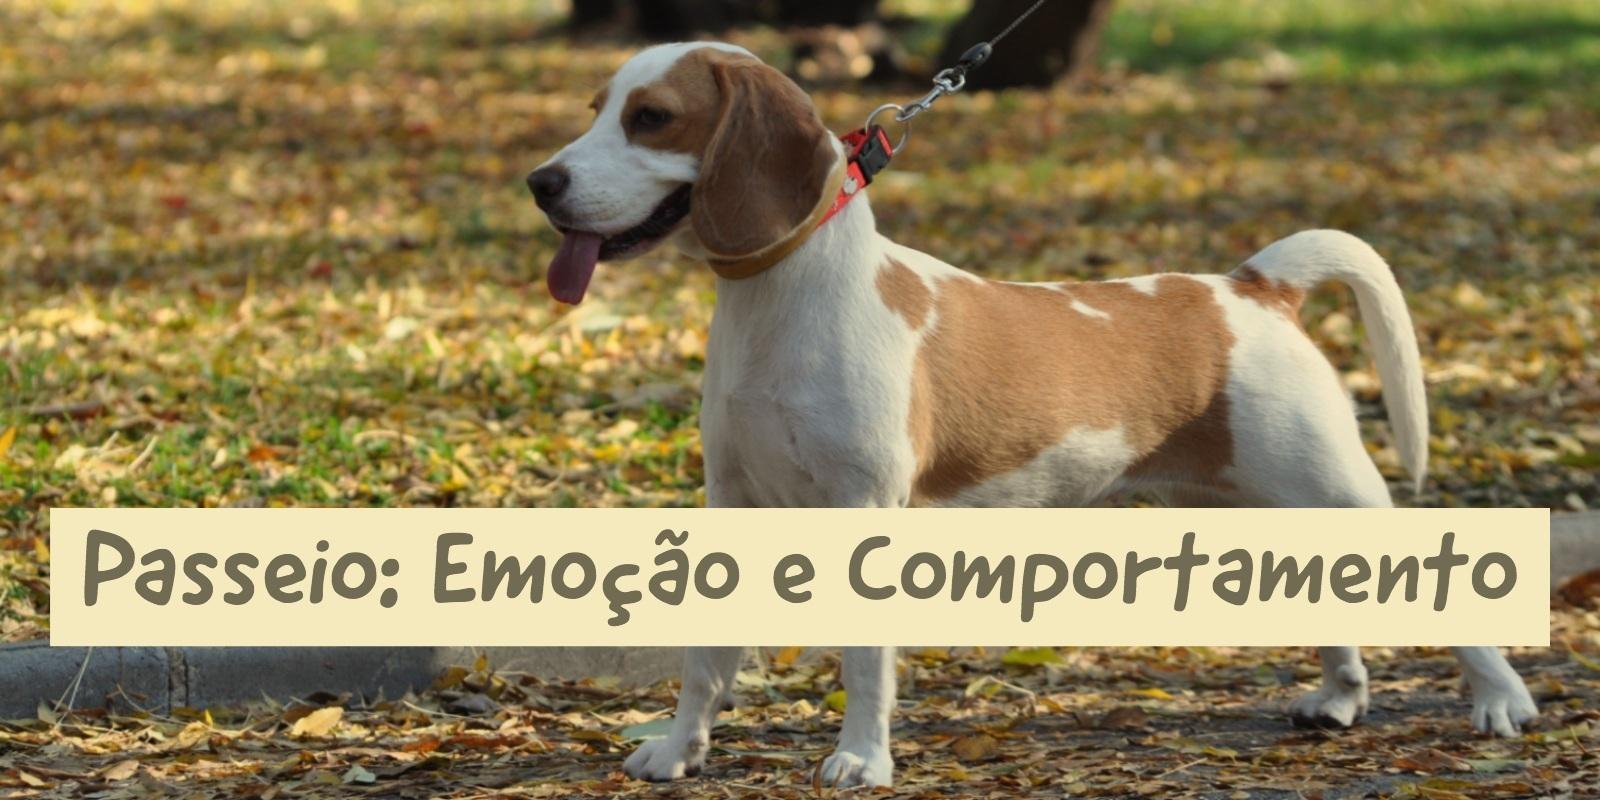 Lambeijos, Carla Ruas - Passeio: Emoção & Comportamento